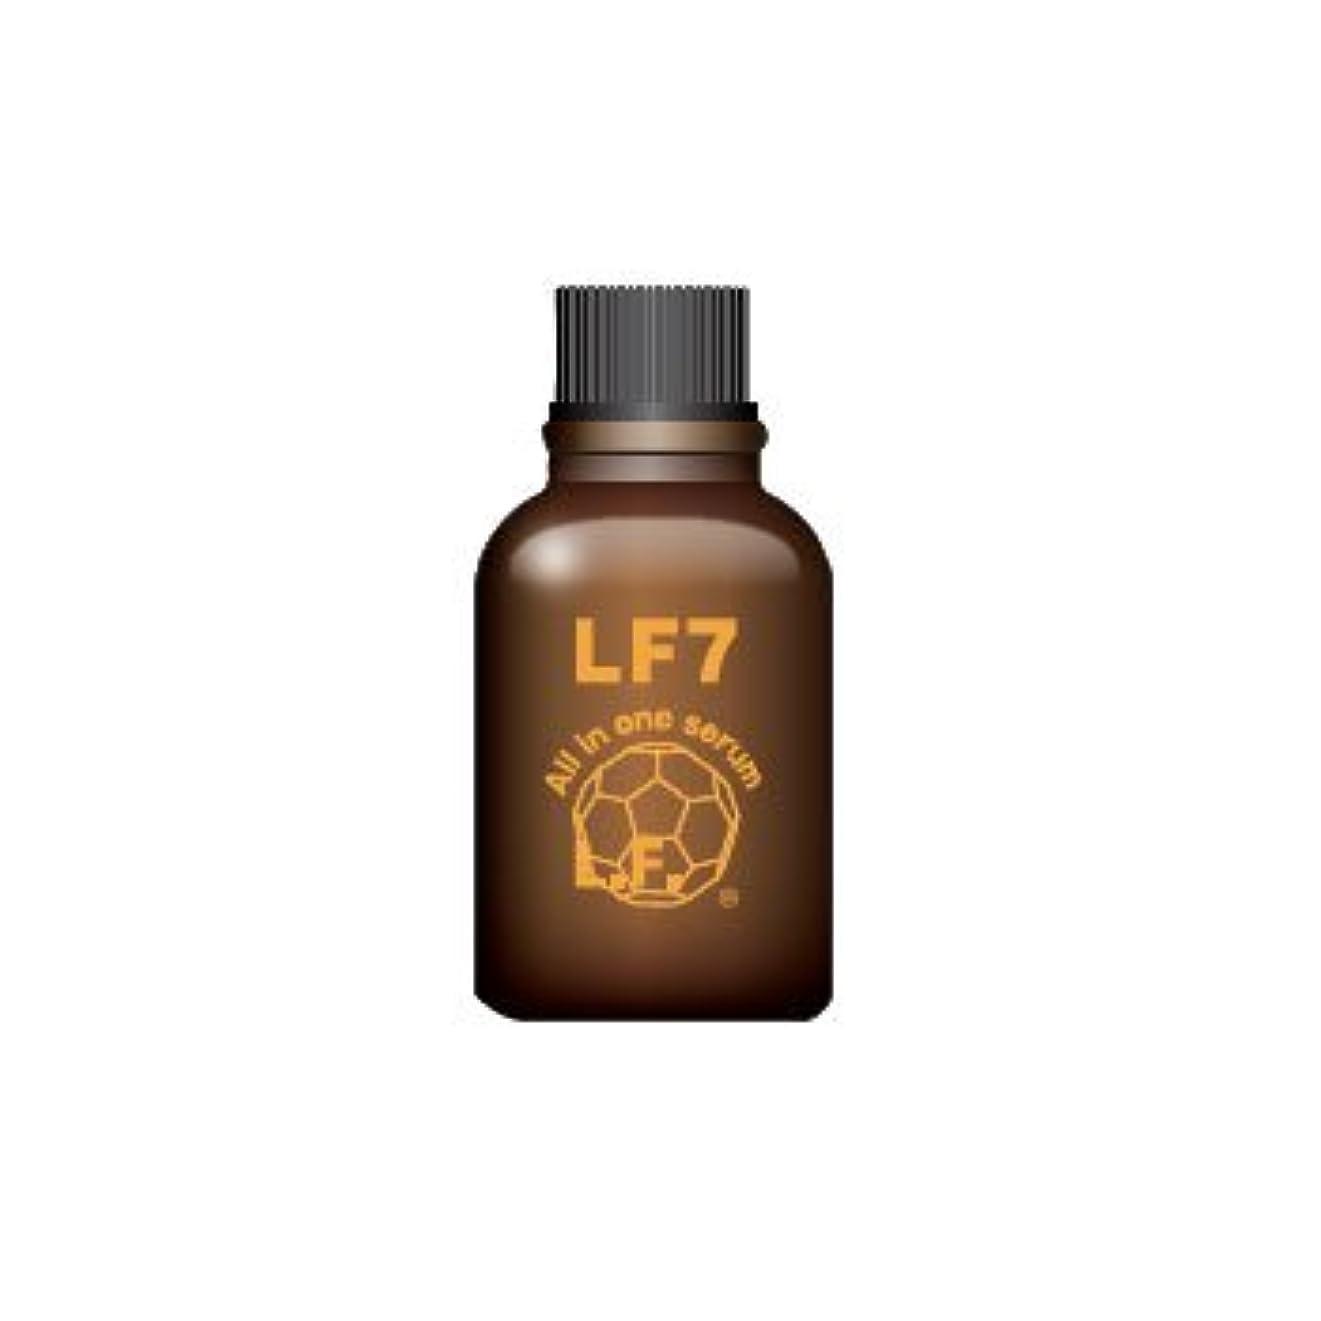 充電ネックレス避けられないLF7オールインワンセラム【リポフラーレン7オールインワンセラム】20ml《BEAUTY MALL》